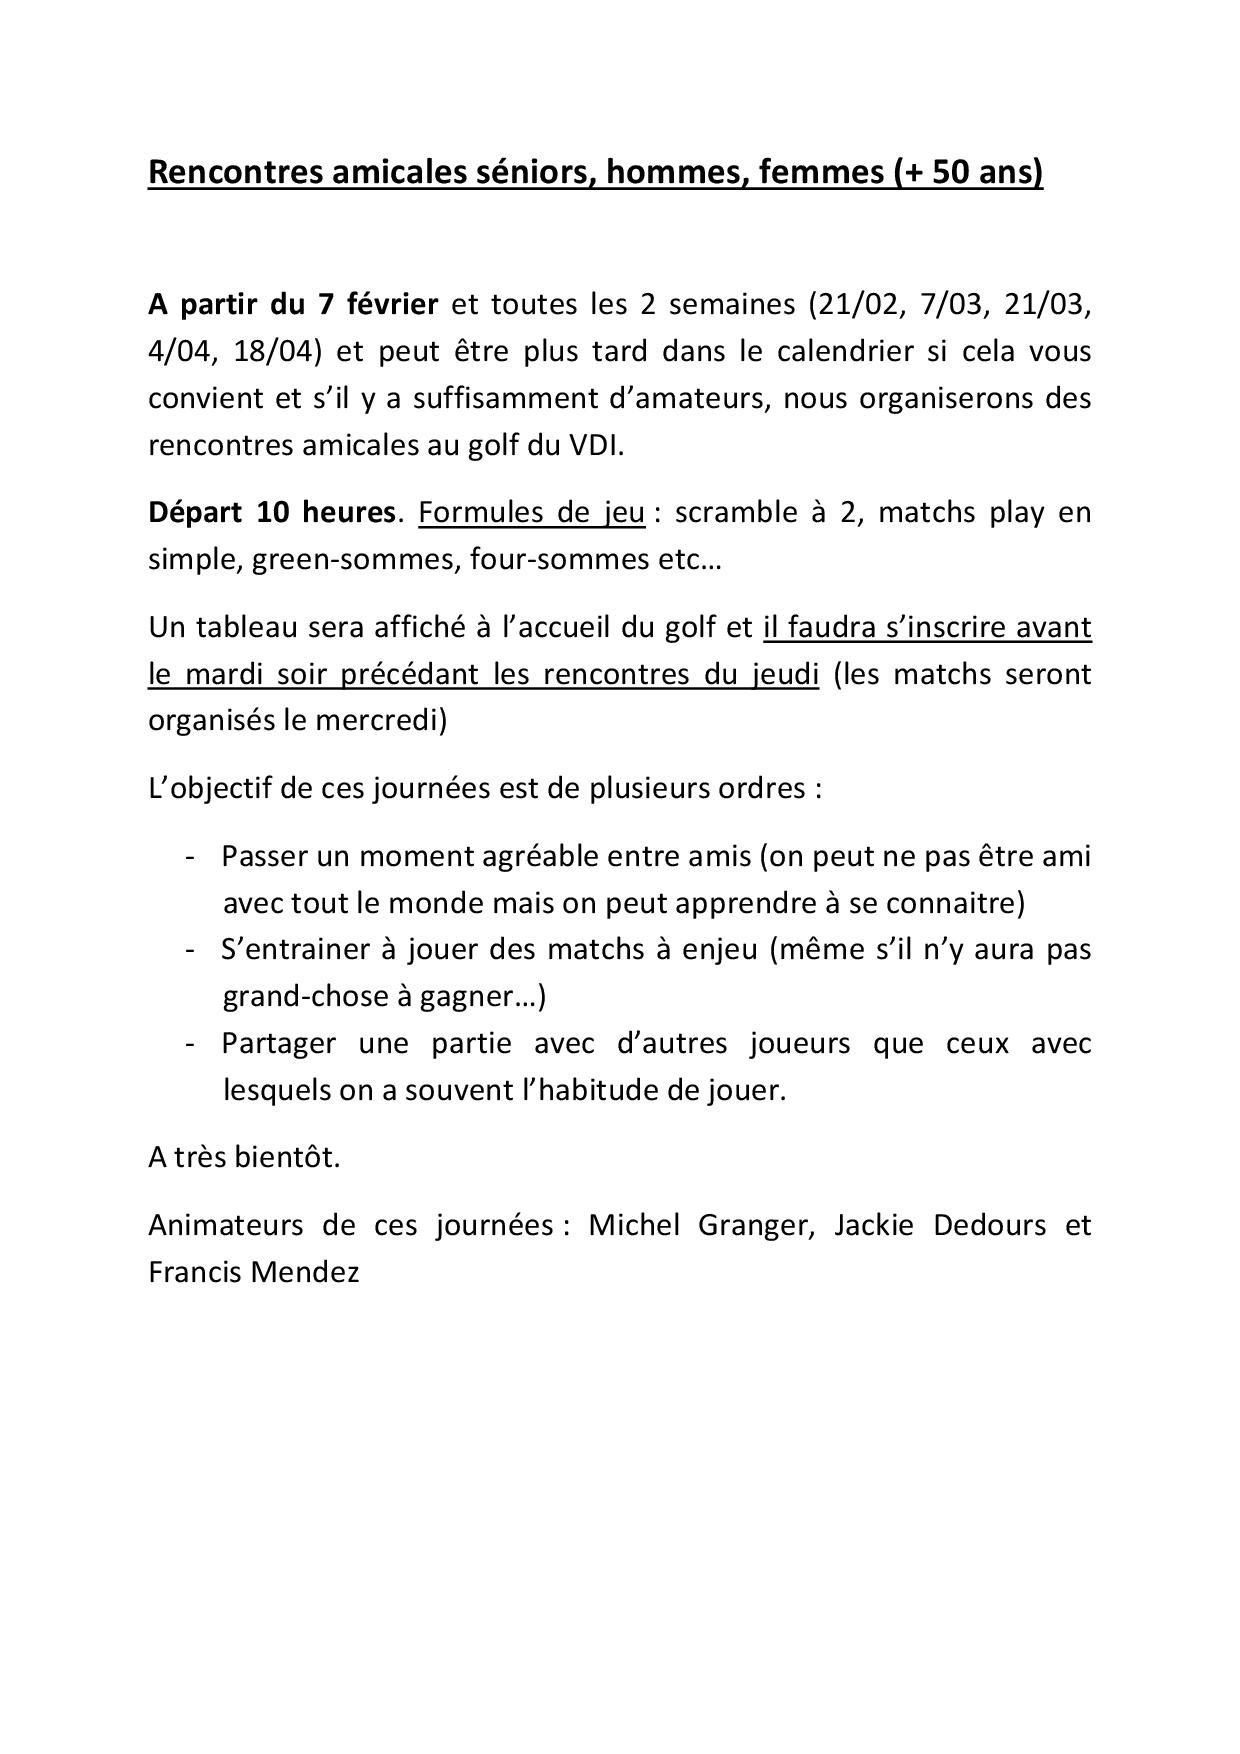 Divers Asgcvi Page 5